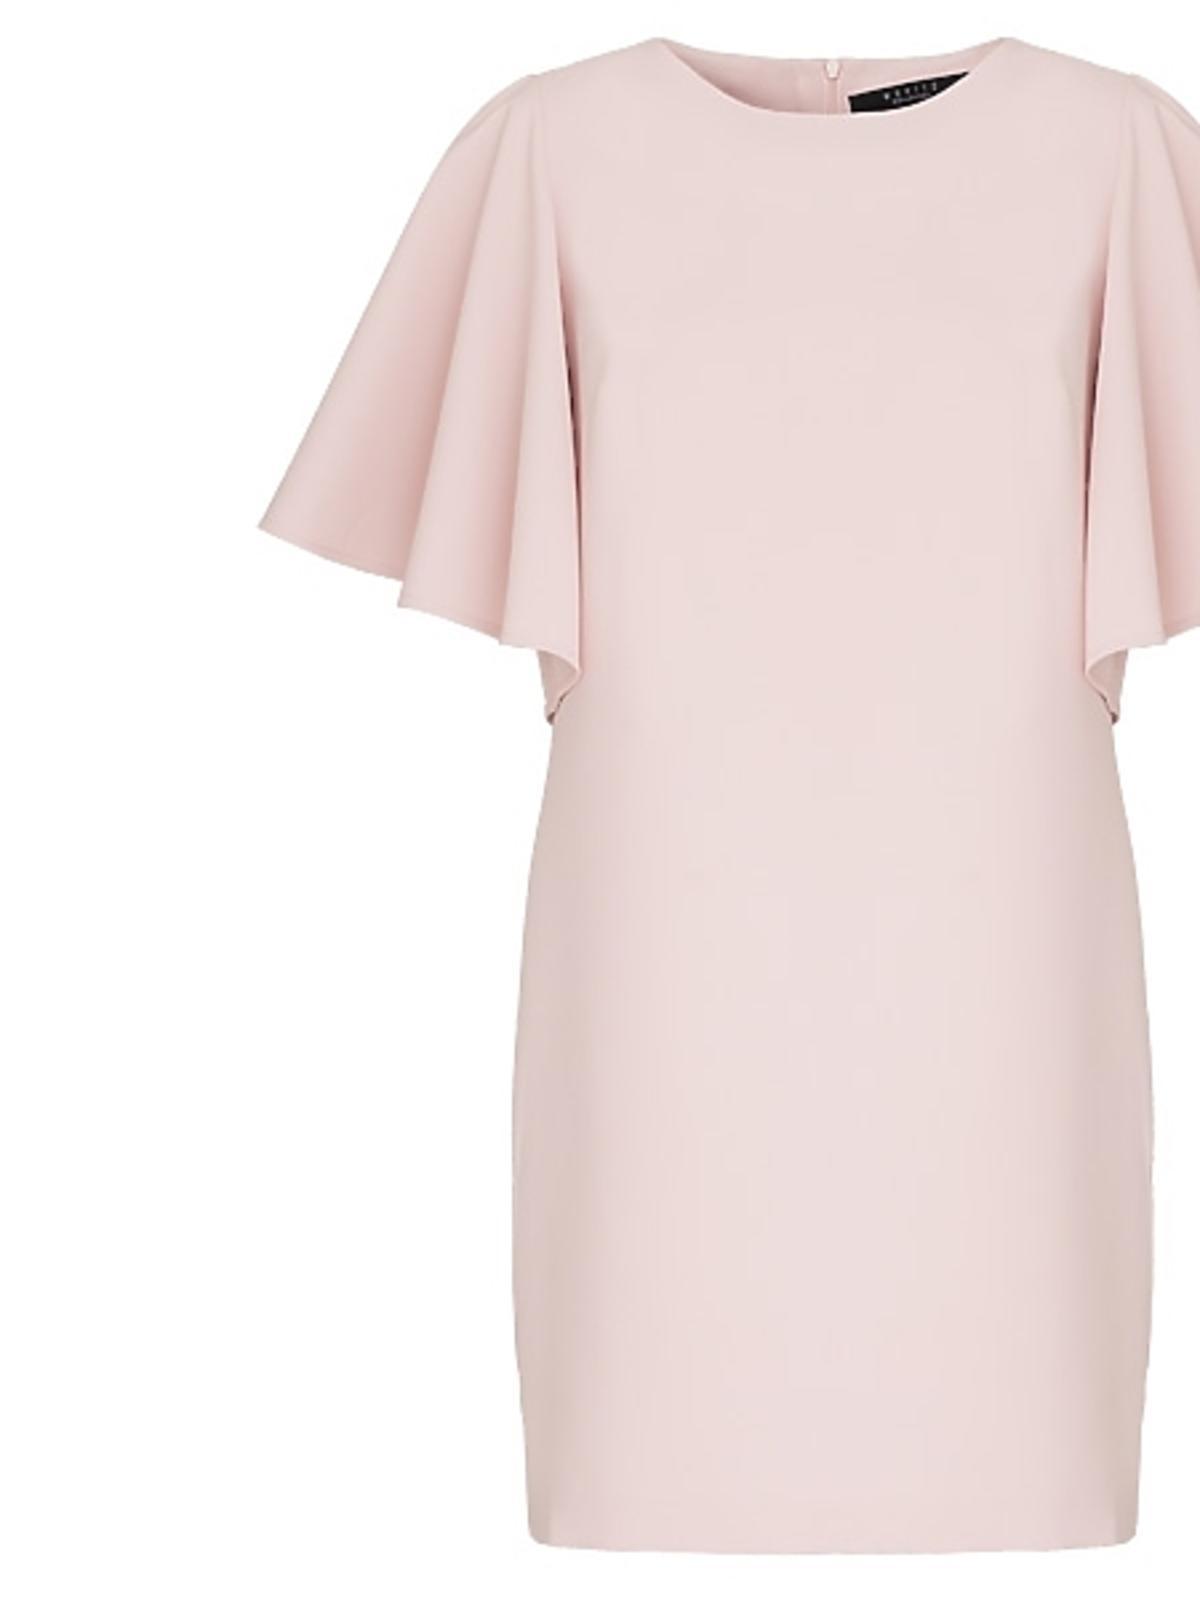 Różowa sukienka Mohito, cena